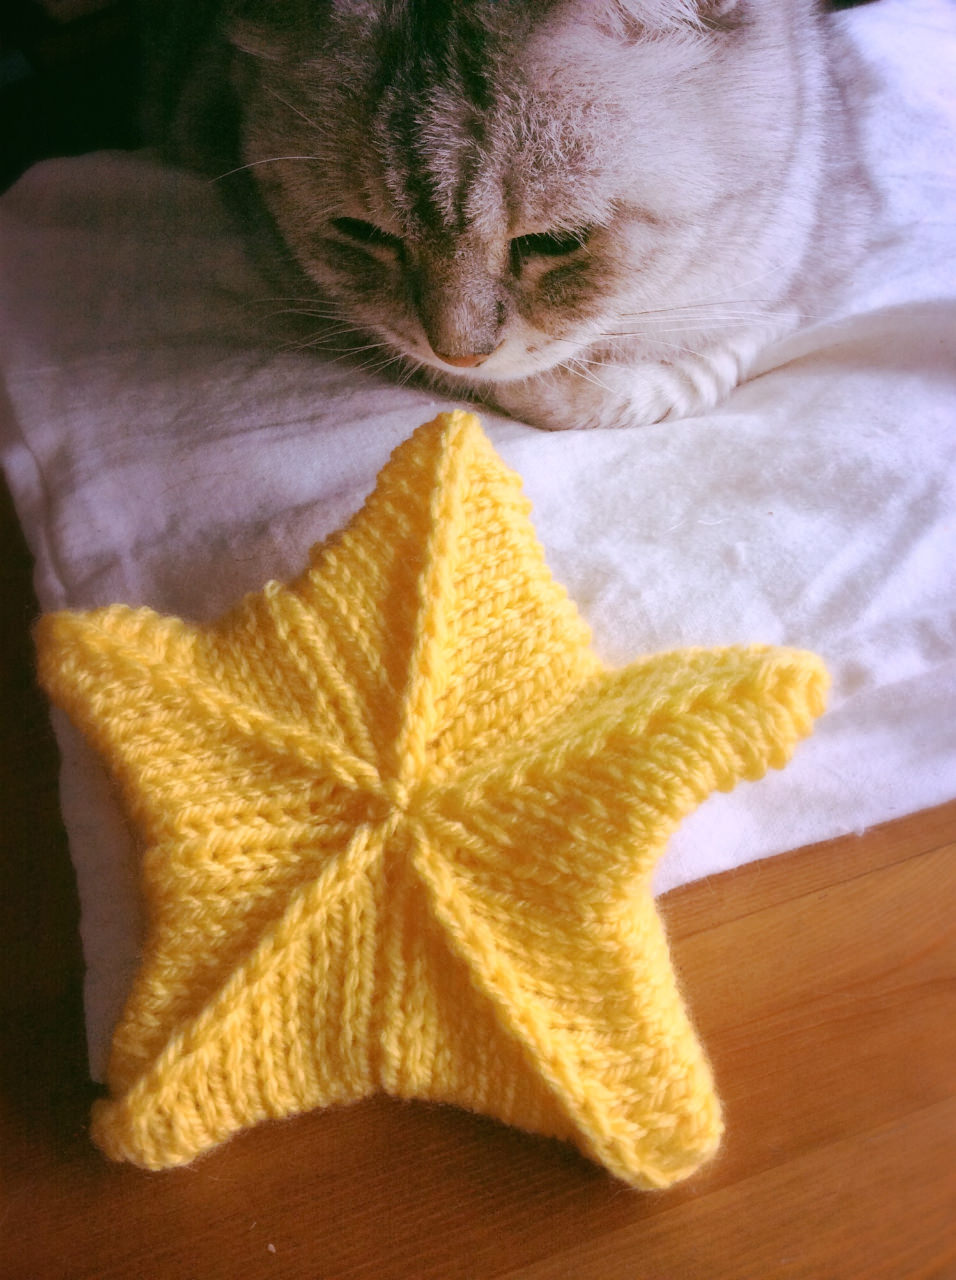 Stjarna Circular knitting needles-7.jpg